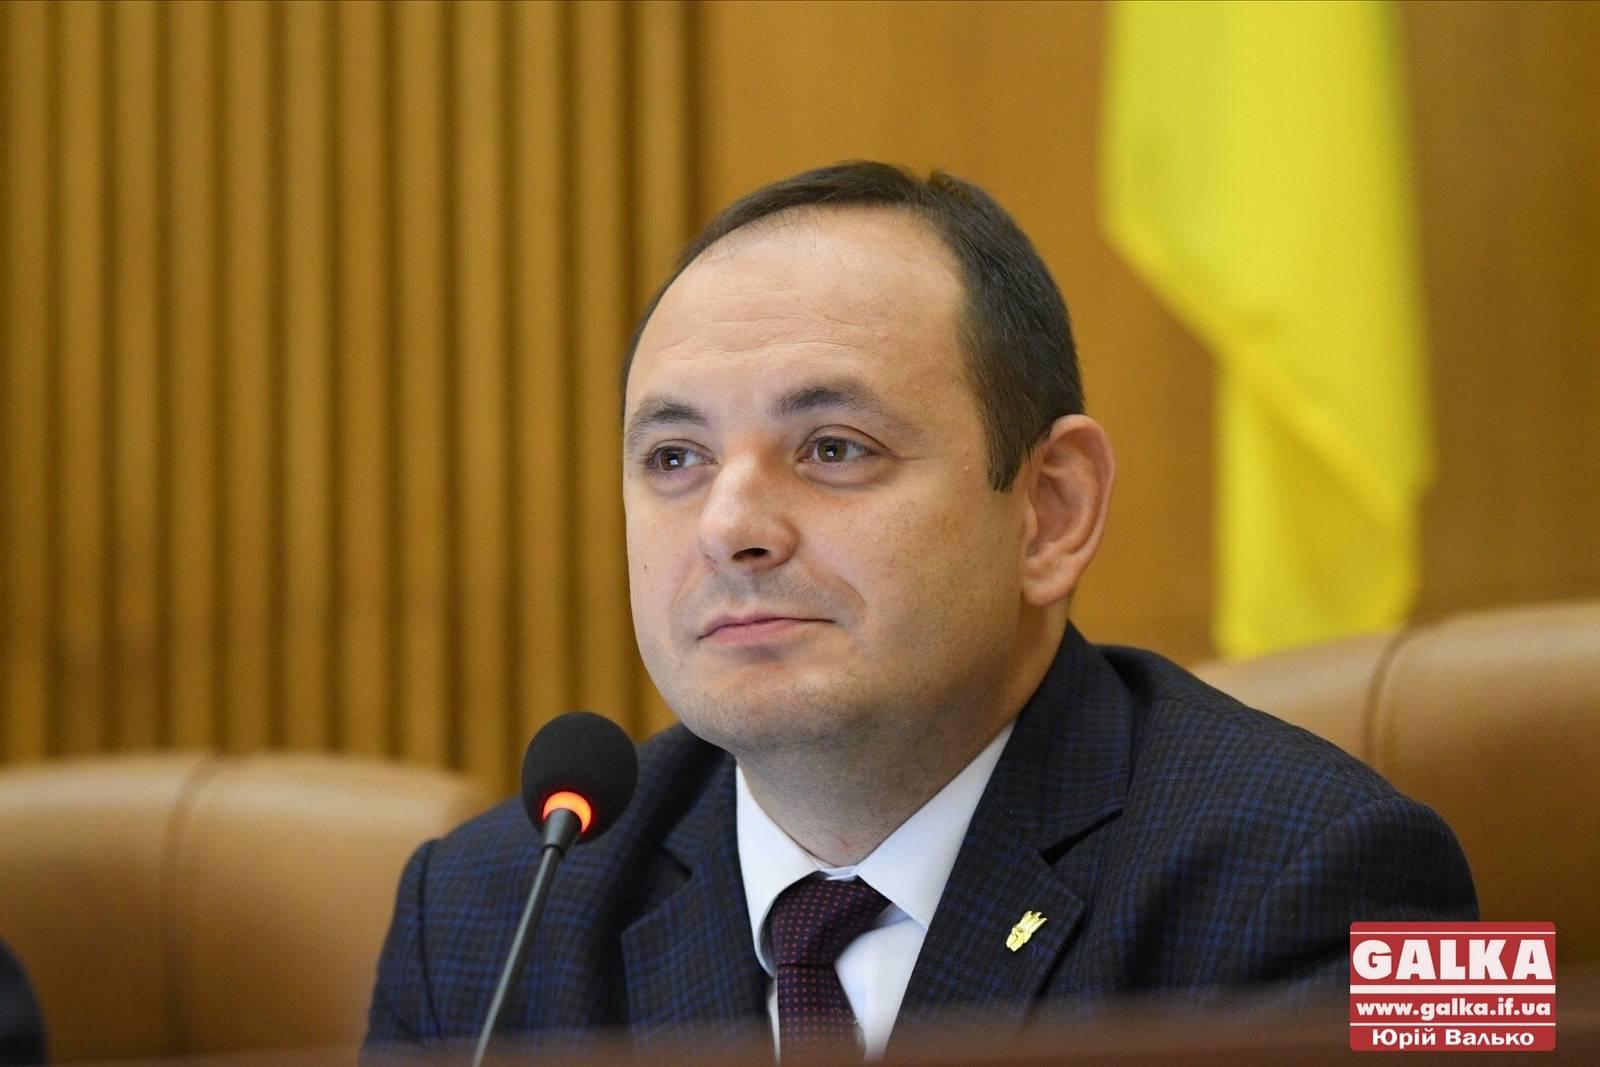 Марцінків попросив перенести допит у поліції через зайнятість свого адвоката